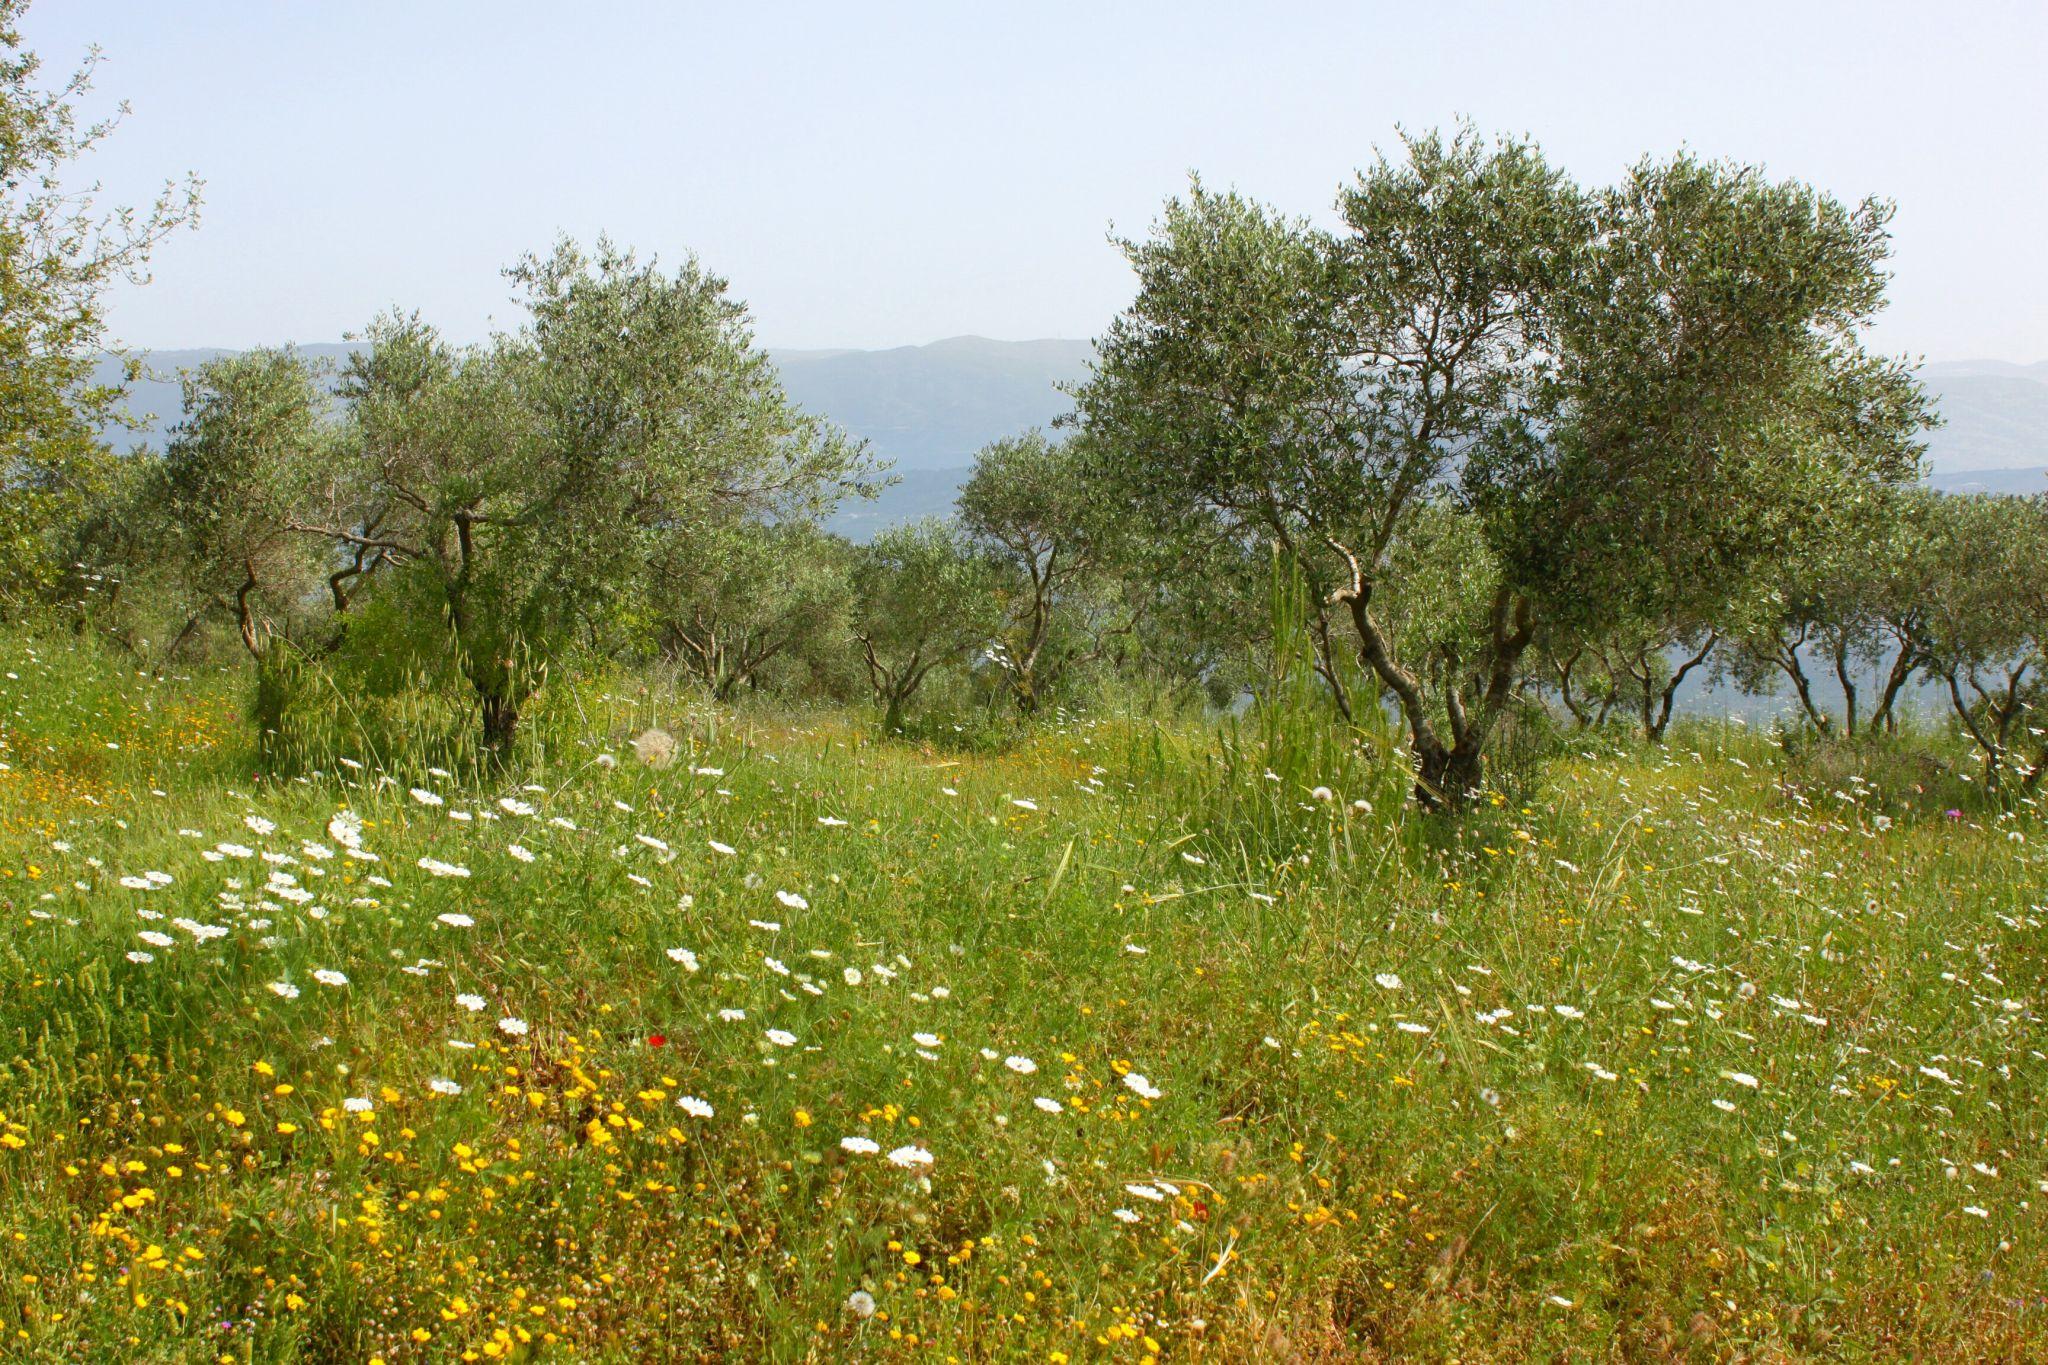 Klostergarten auf dem Berg Netofa, Israel